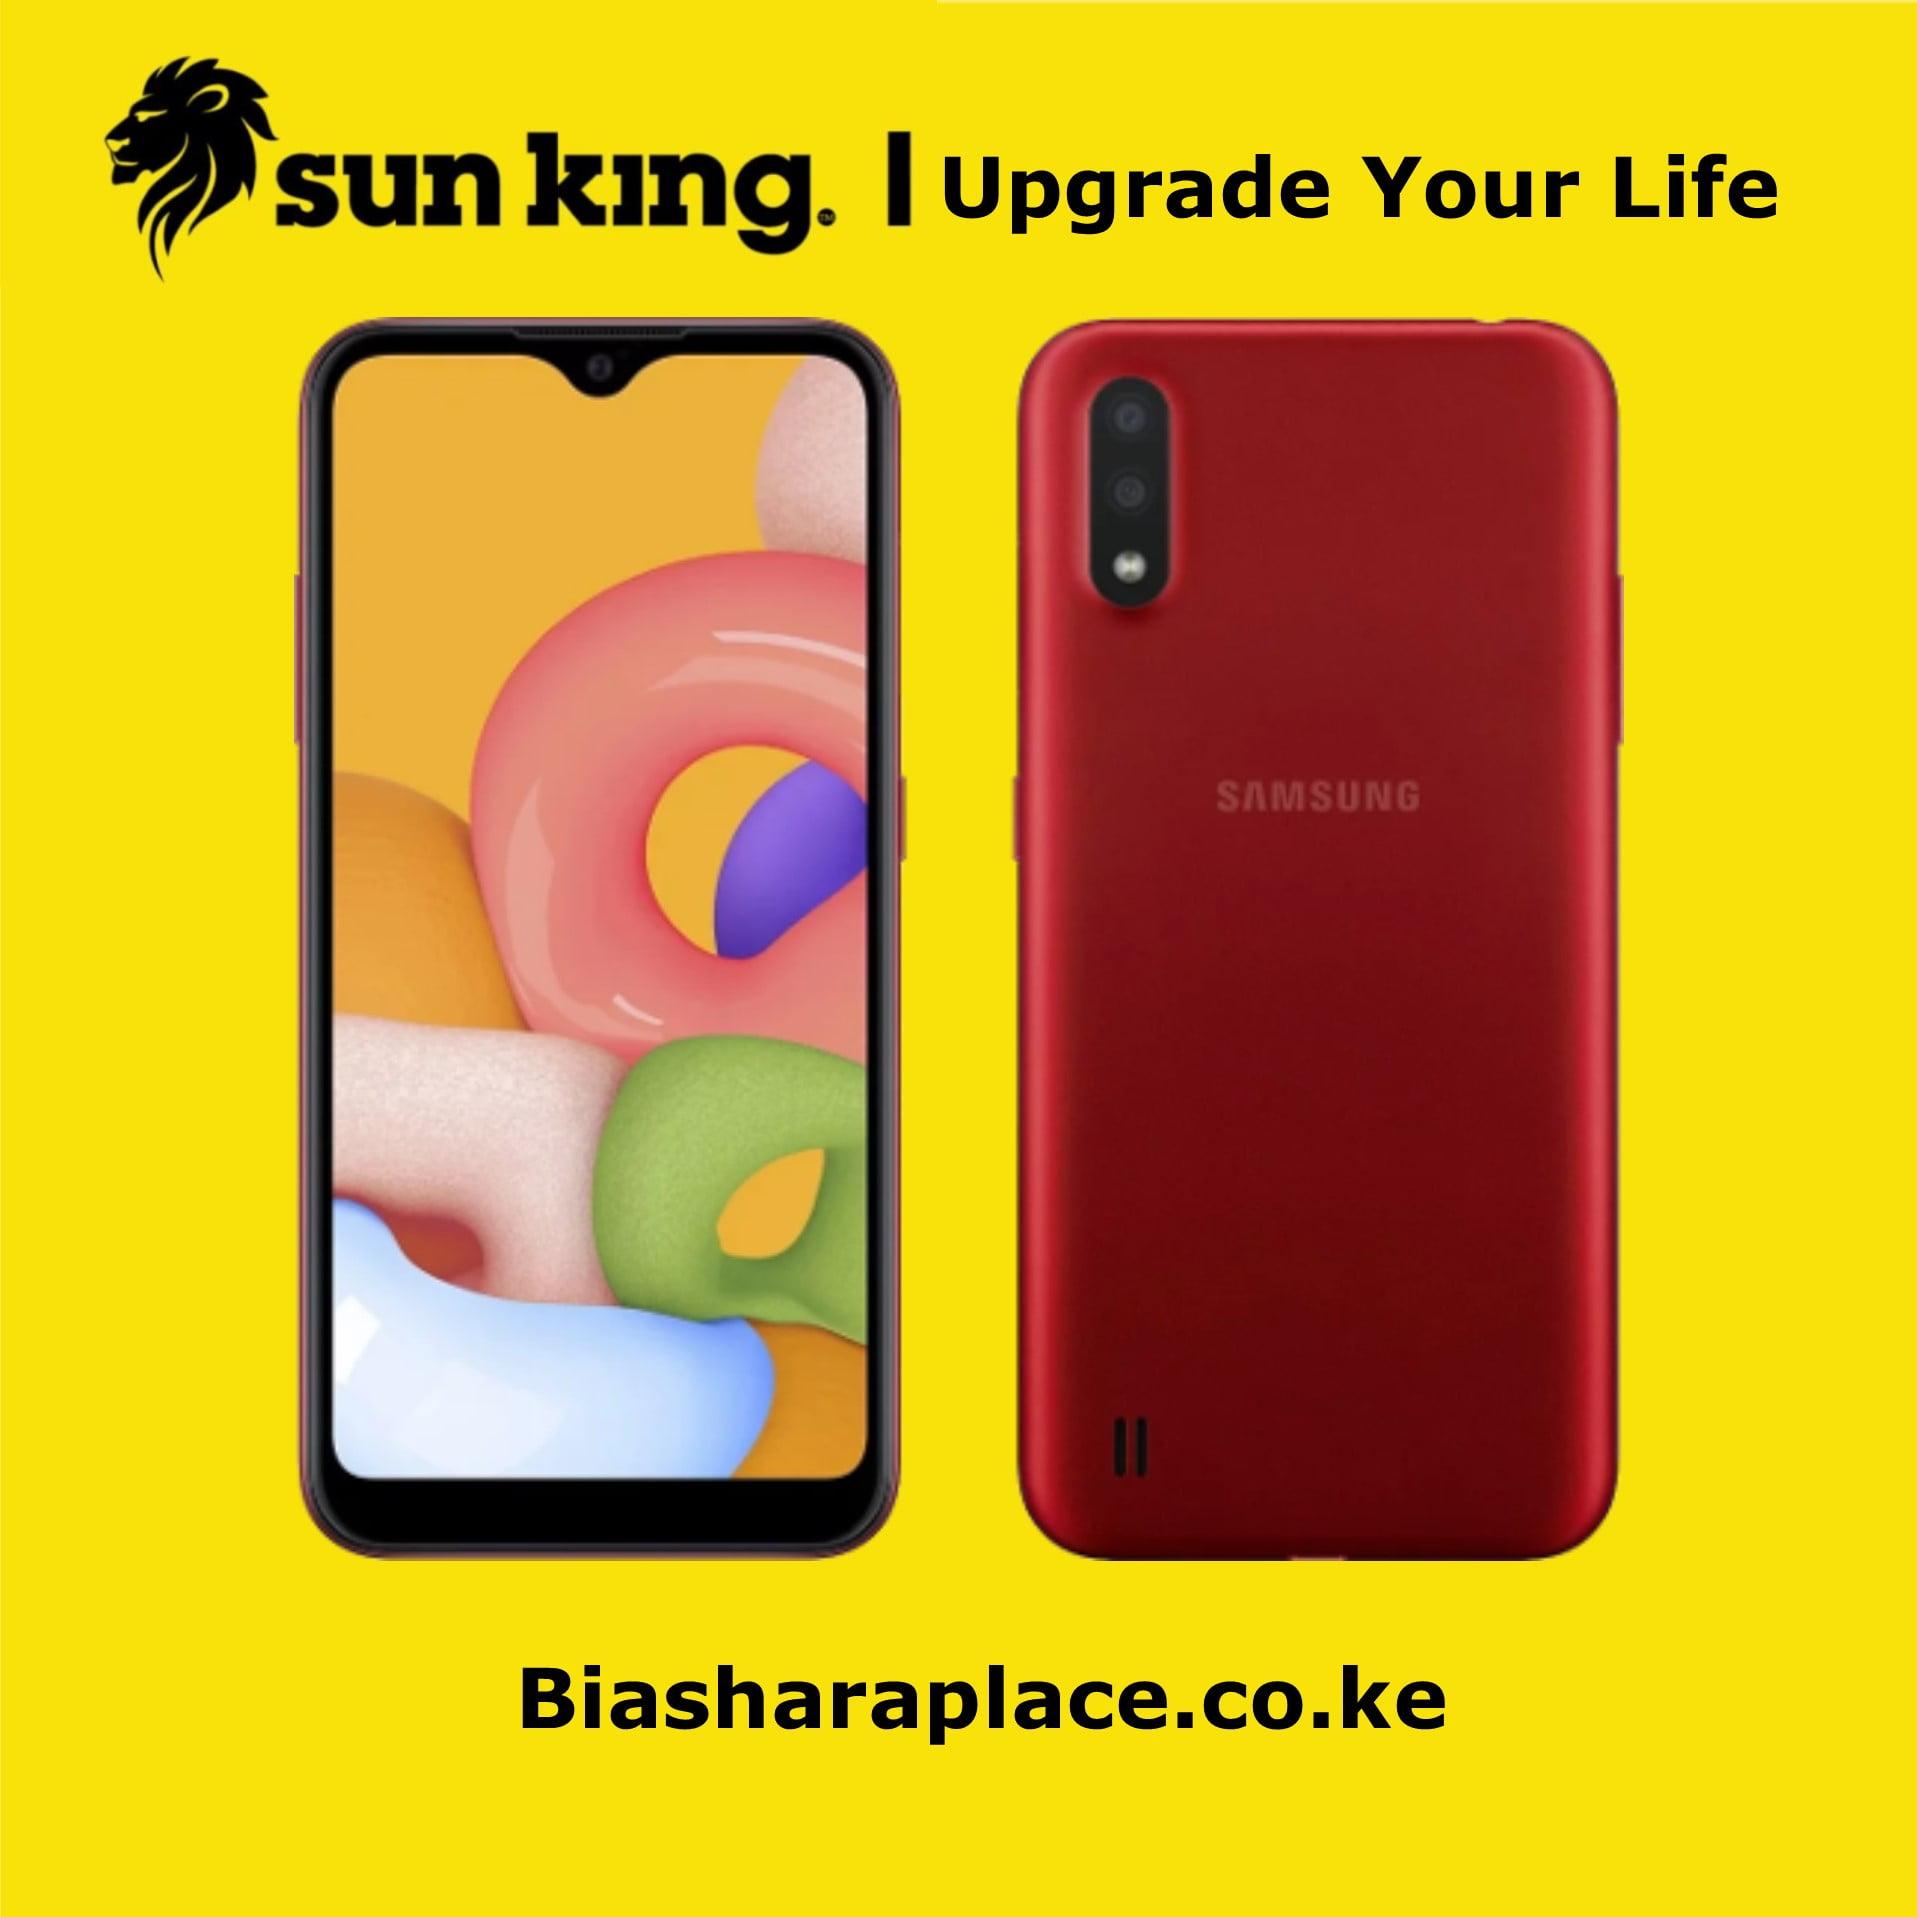 SunKing Smartphone Price